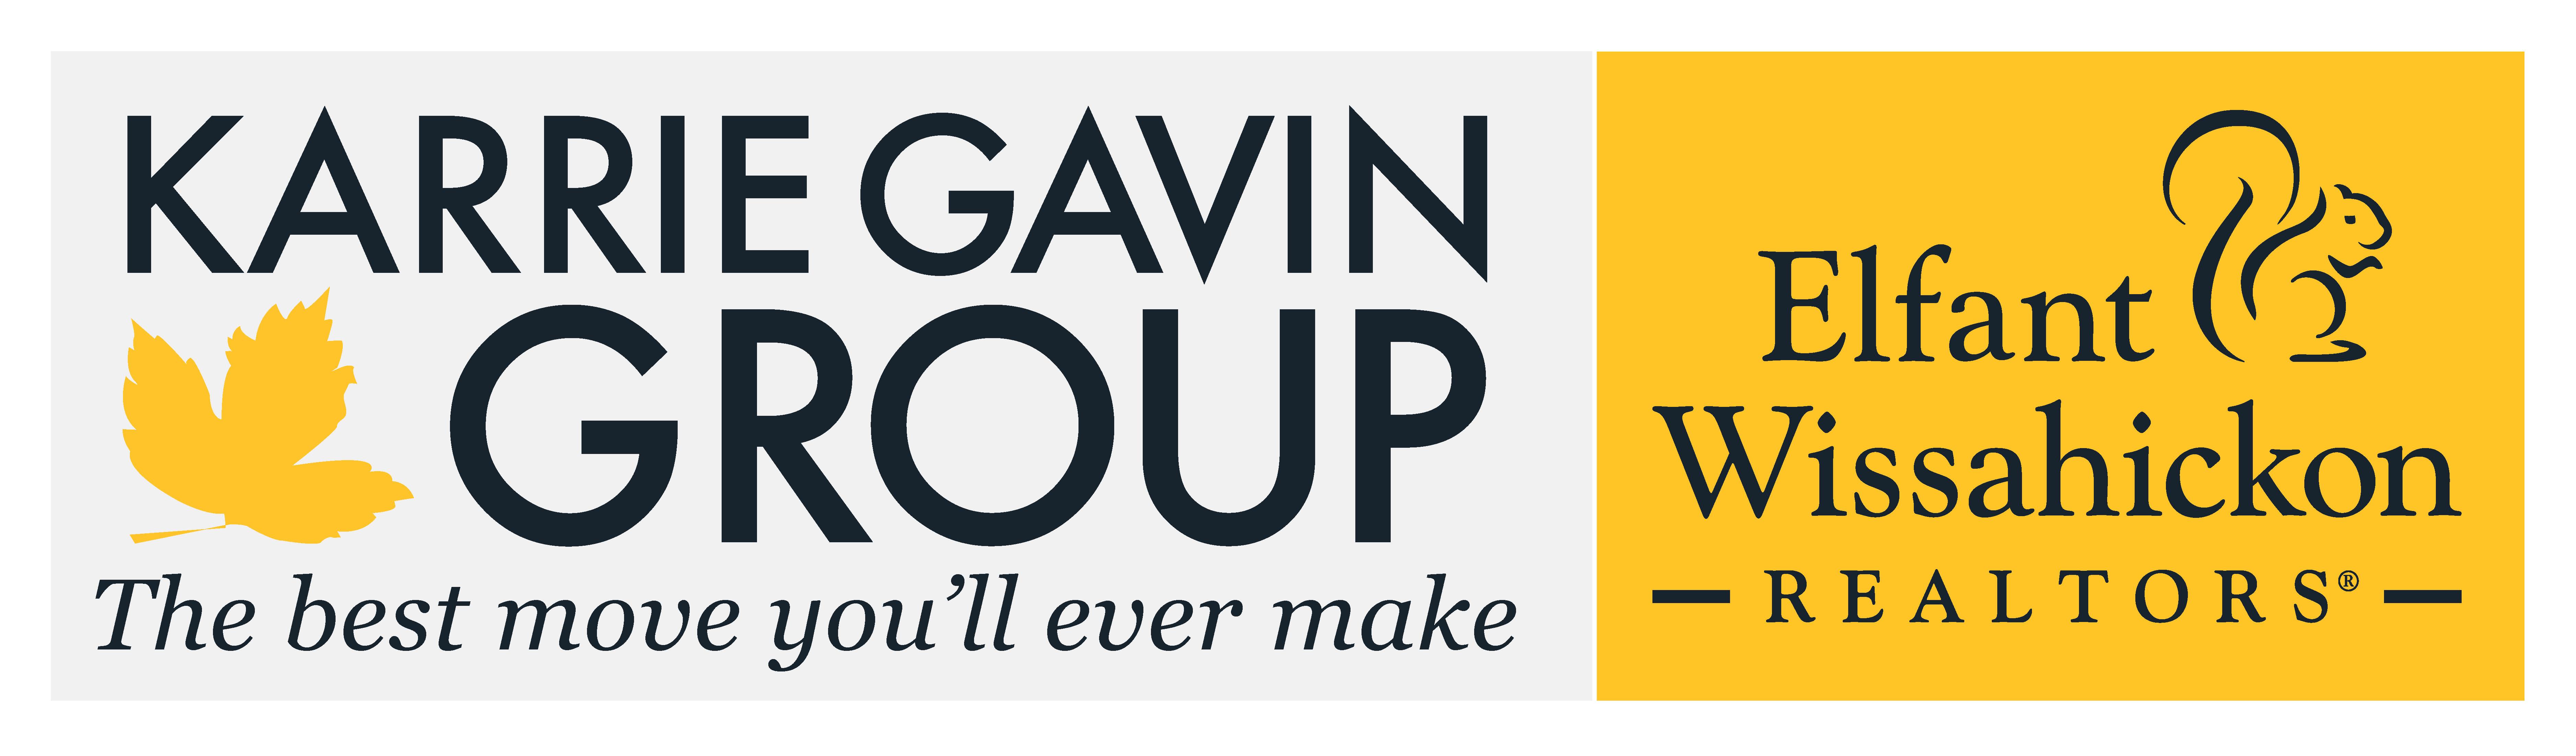 Karrie Gavin Group